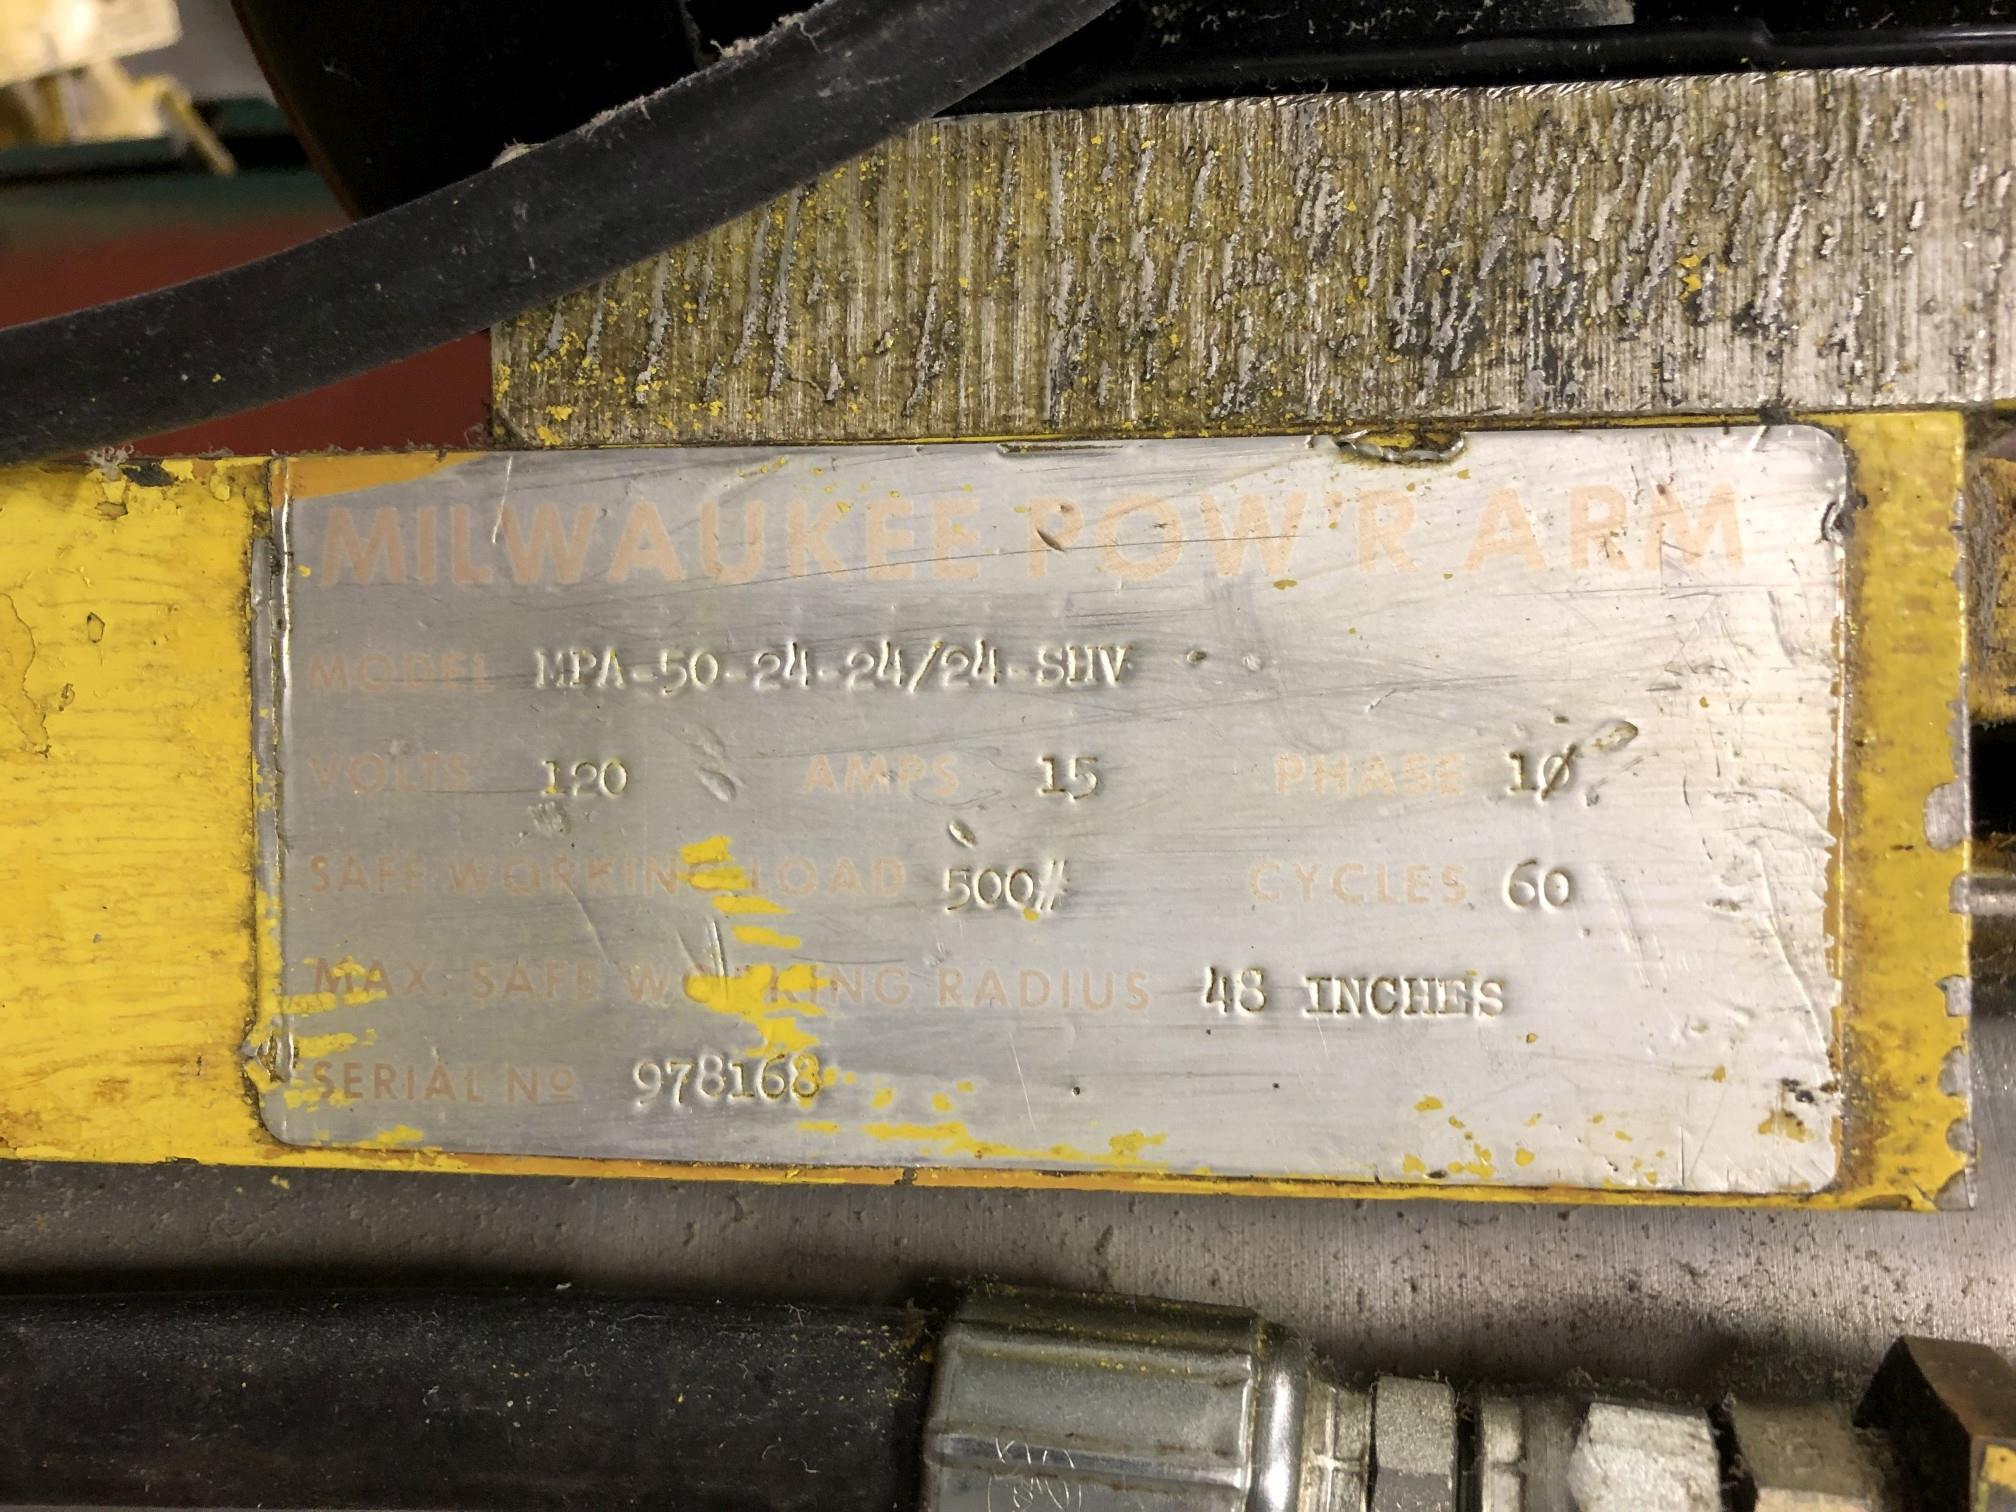 1000 Ton Komatsu Maypress Knuckle Joint Press - Image 19 of 23